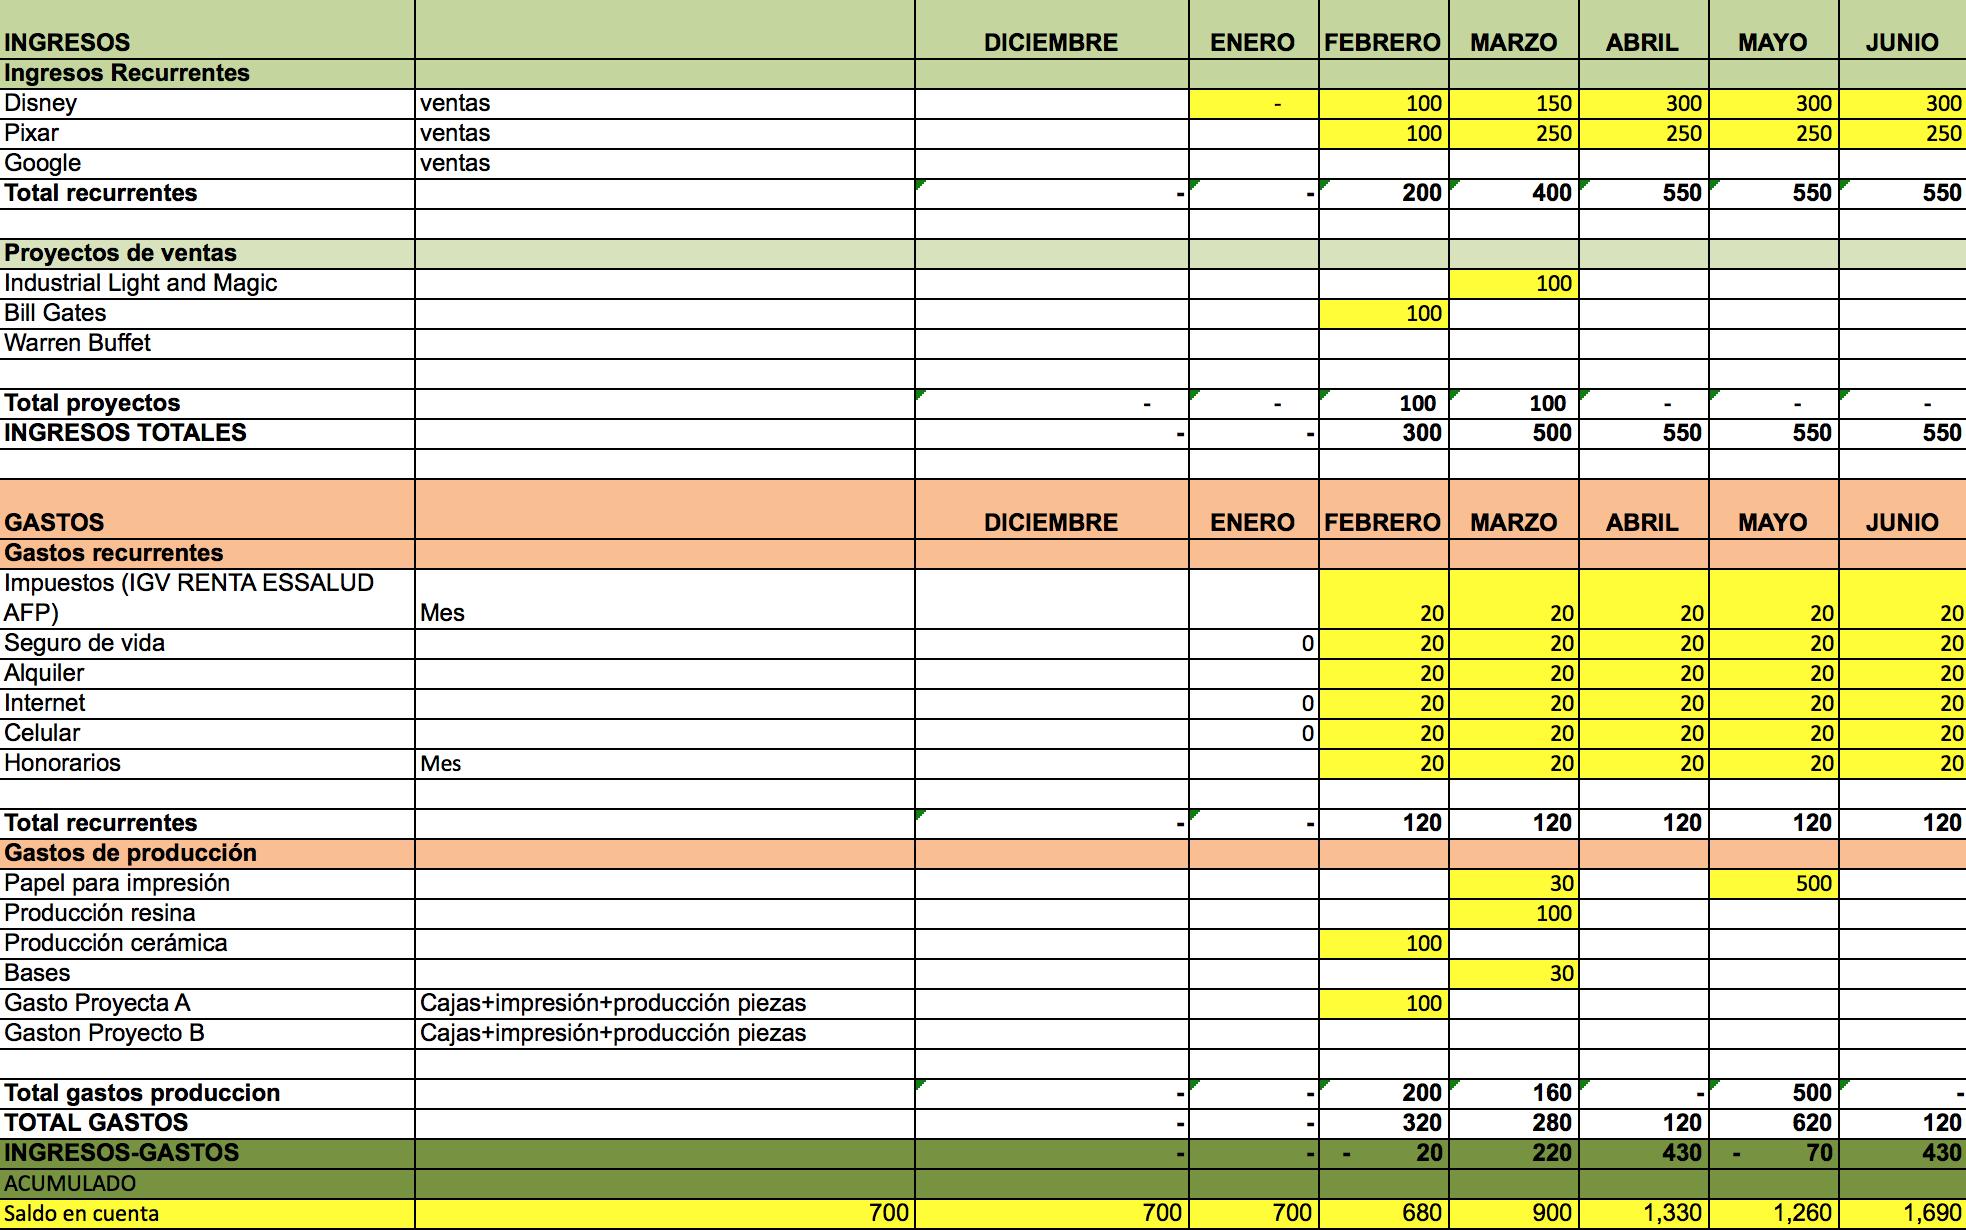 Esta es la plantilla de flujo de caja que uso en Excel. Evidentemente los clientes ni los numeros son reales, pero te pueden dar una idea de cómo están distribuidos tus ingresos y gastos, y cómo se puede jugar con el bille que entra y sale.